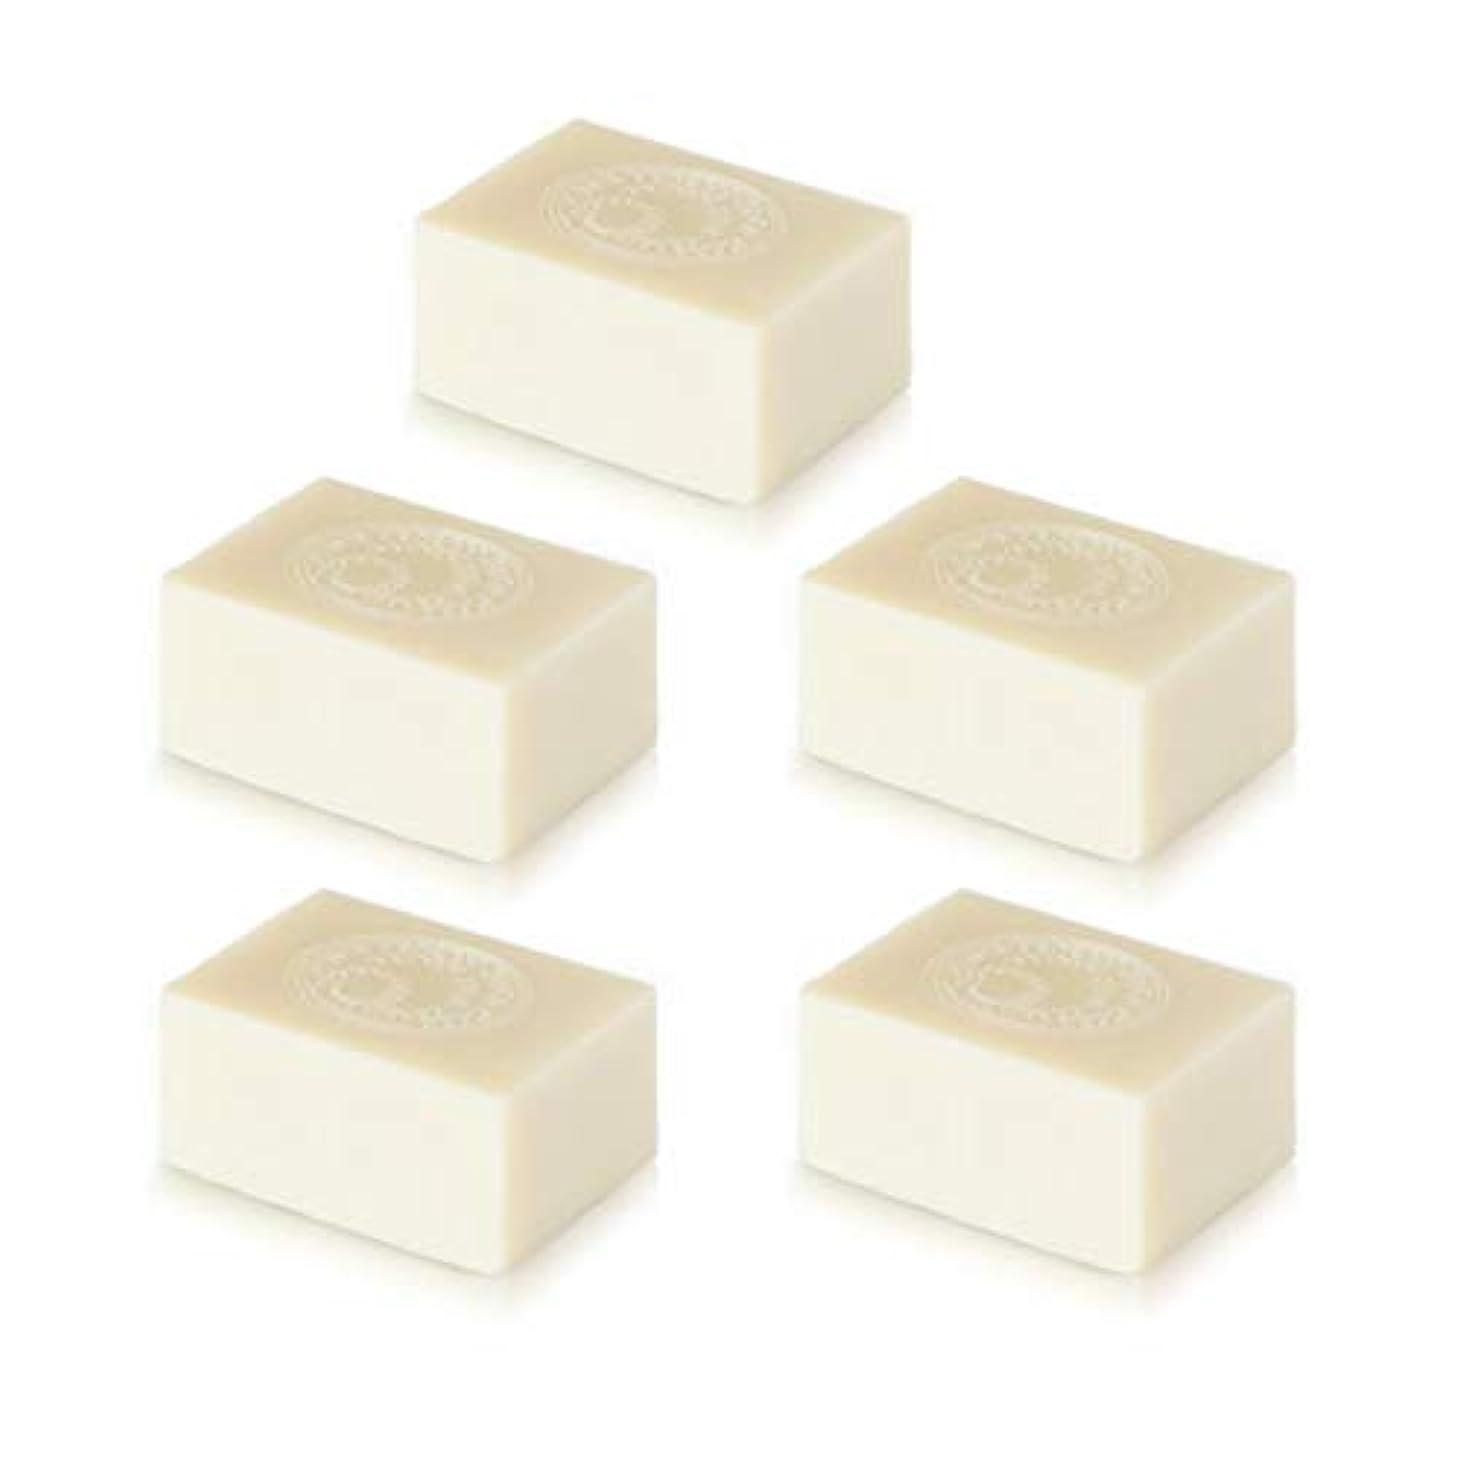 ジュース分布グローバルナイアード アルガン石鹸5個セット( 145g ×5個)無添加アルガン石鹸